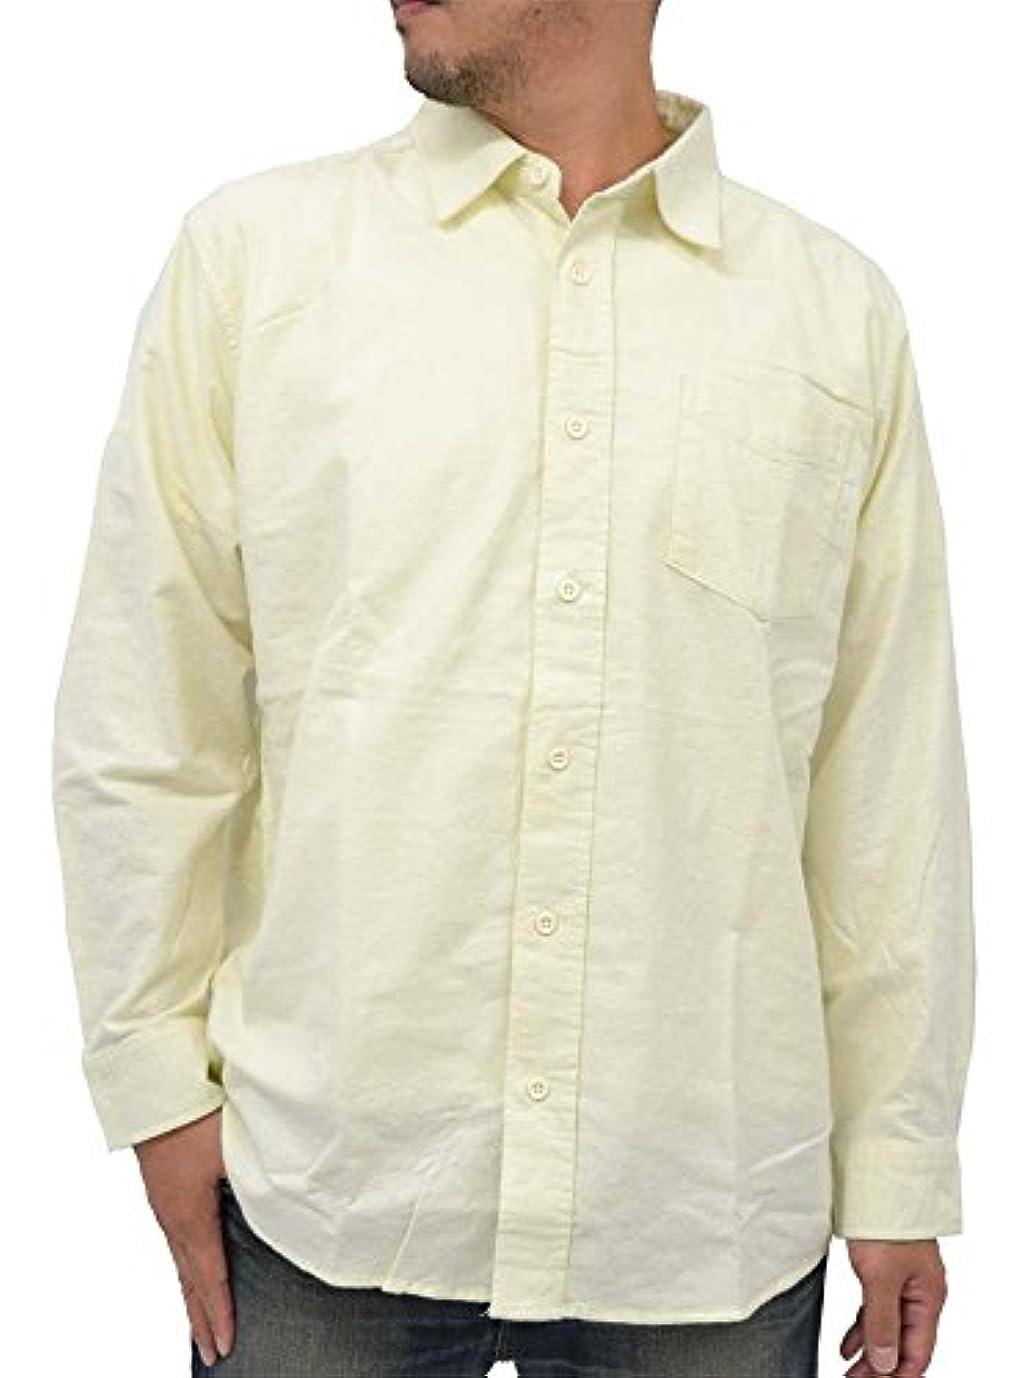 プレート実り多いシーン(ルイシャブロン) LOUIS CHAVLON 大きいサイズ シャツ メンズ